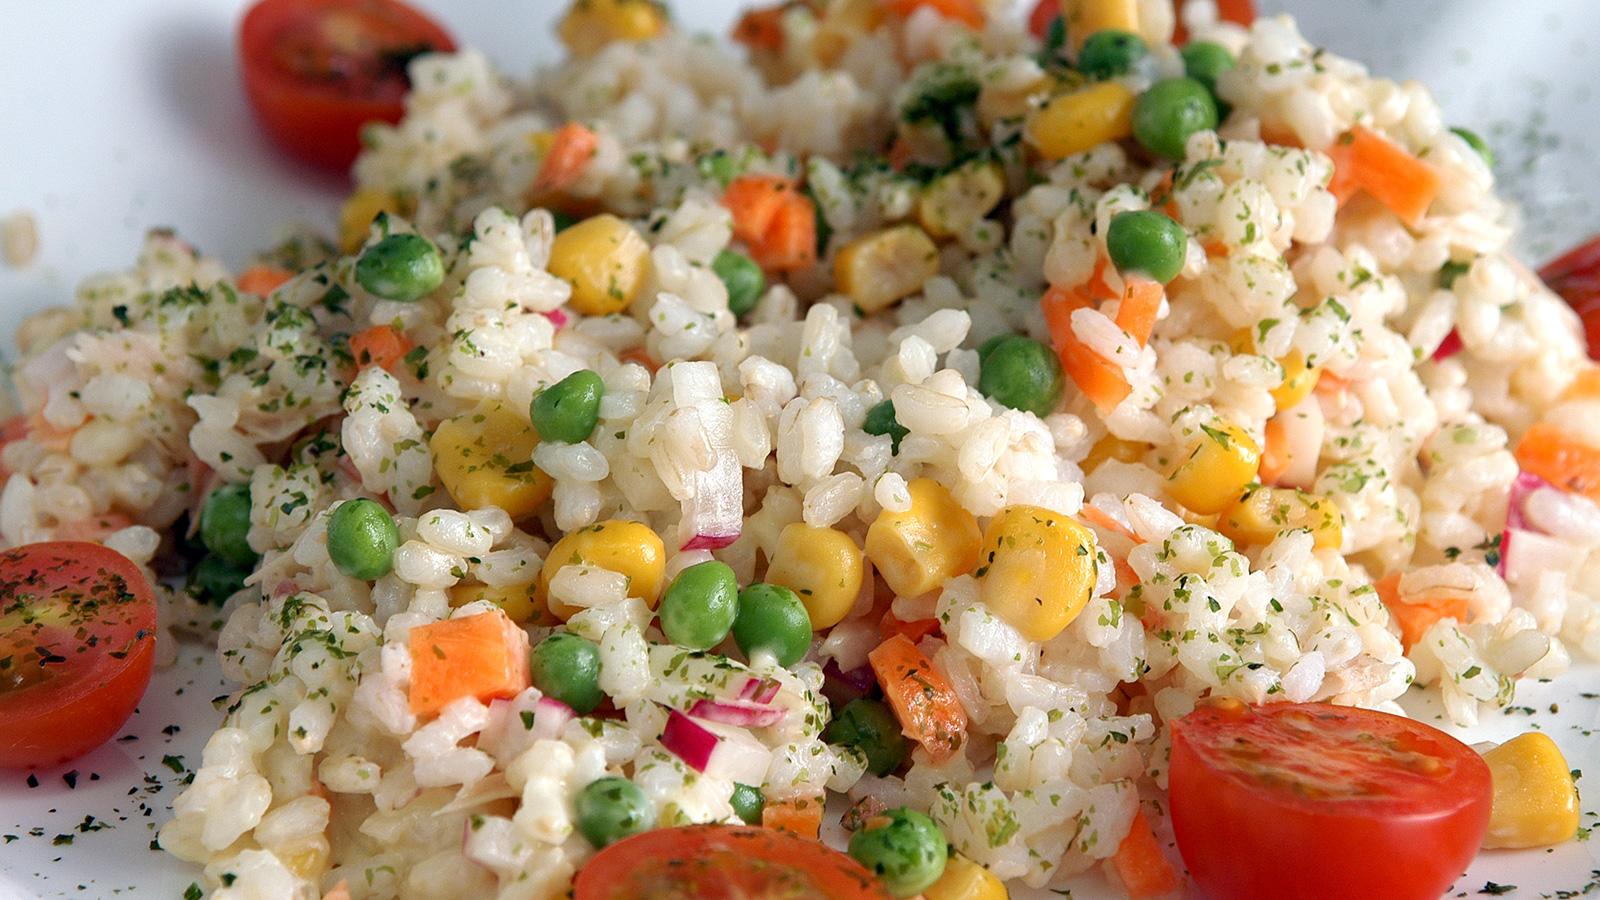 Ensalada de arroz con mayonesa de soja sin huevo marisa - Ensalada de arroz light ...